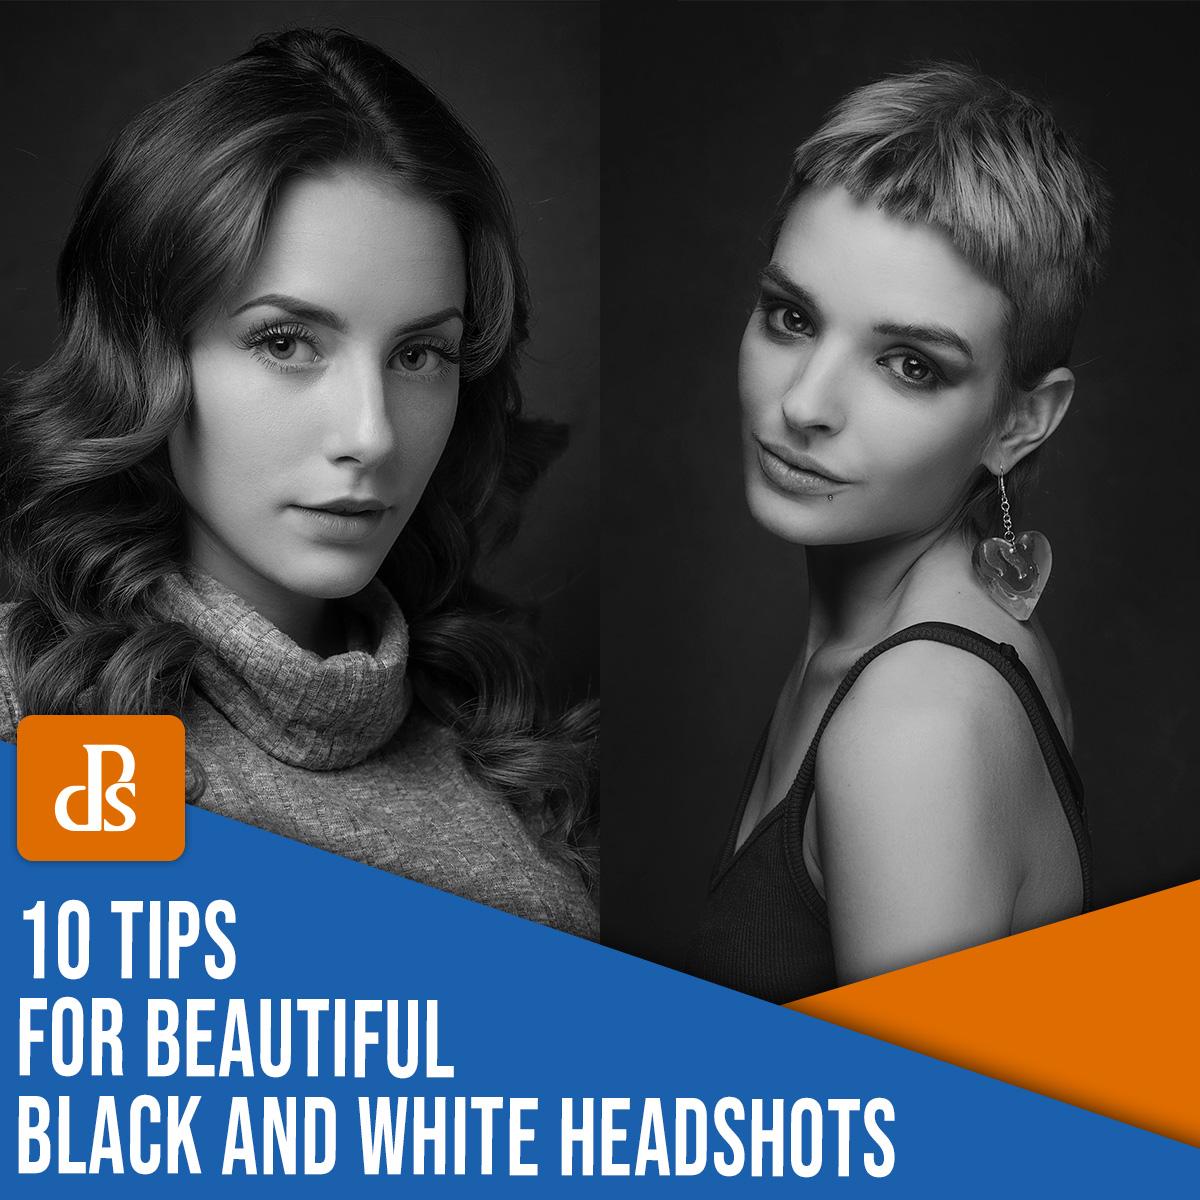 10 dicas para lindas fotos em preto e branco